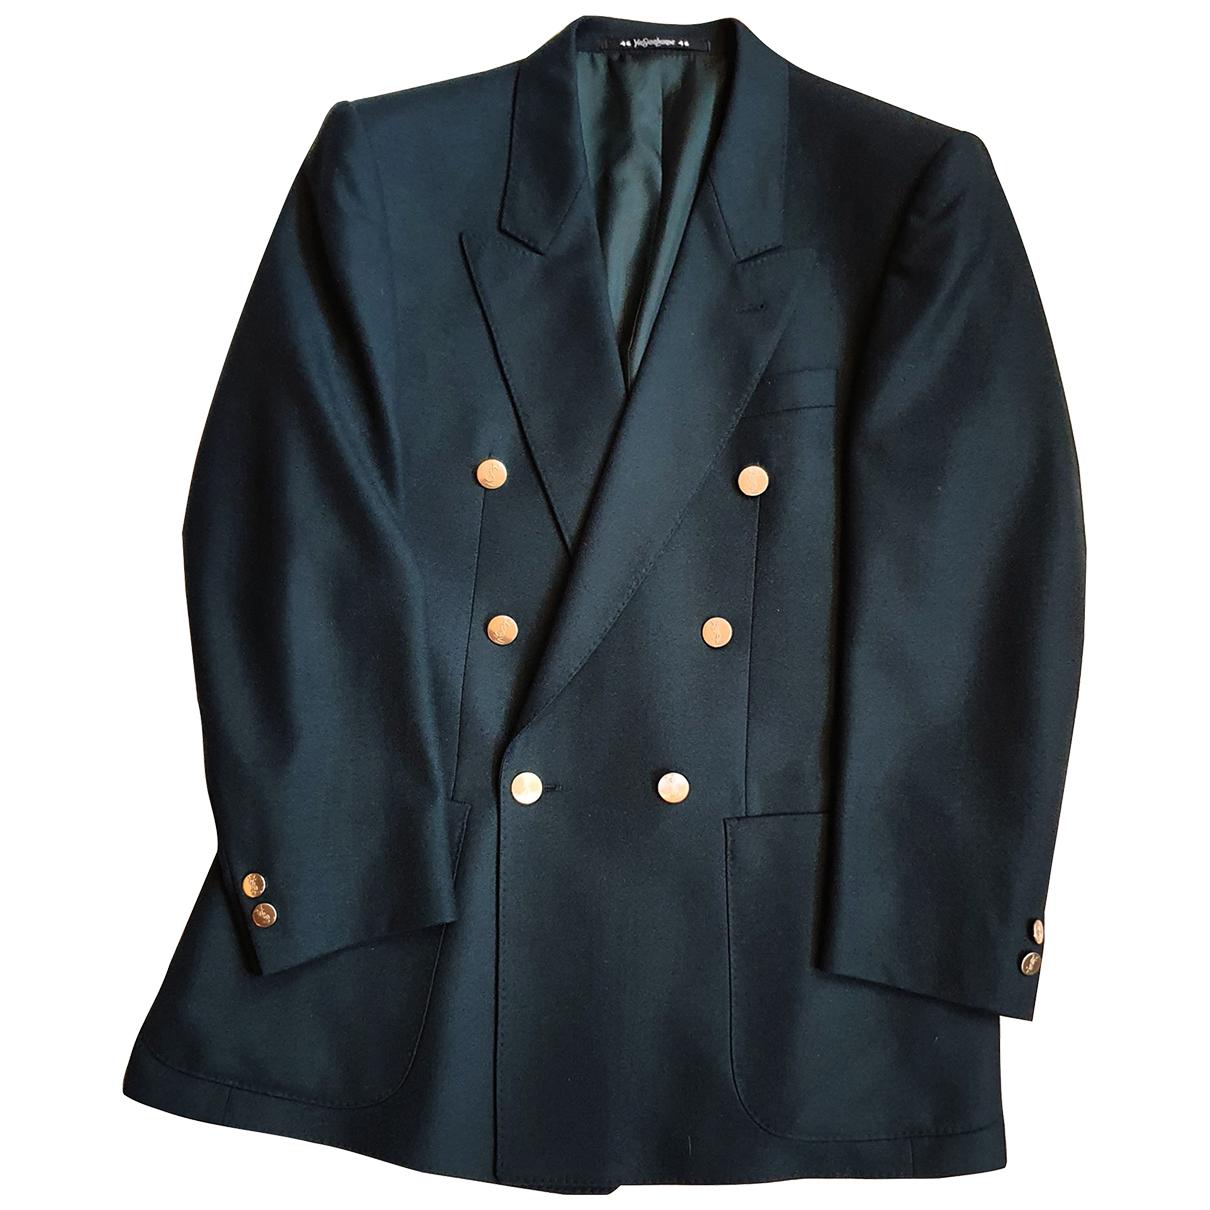 Yves Saint Laurent \N Anzuege in  Gruen Wolle